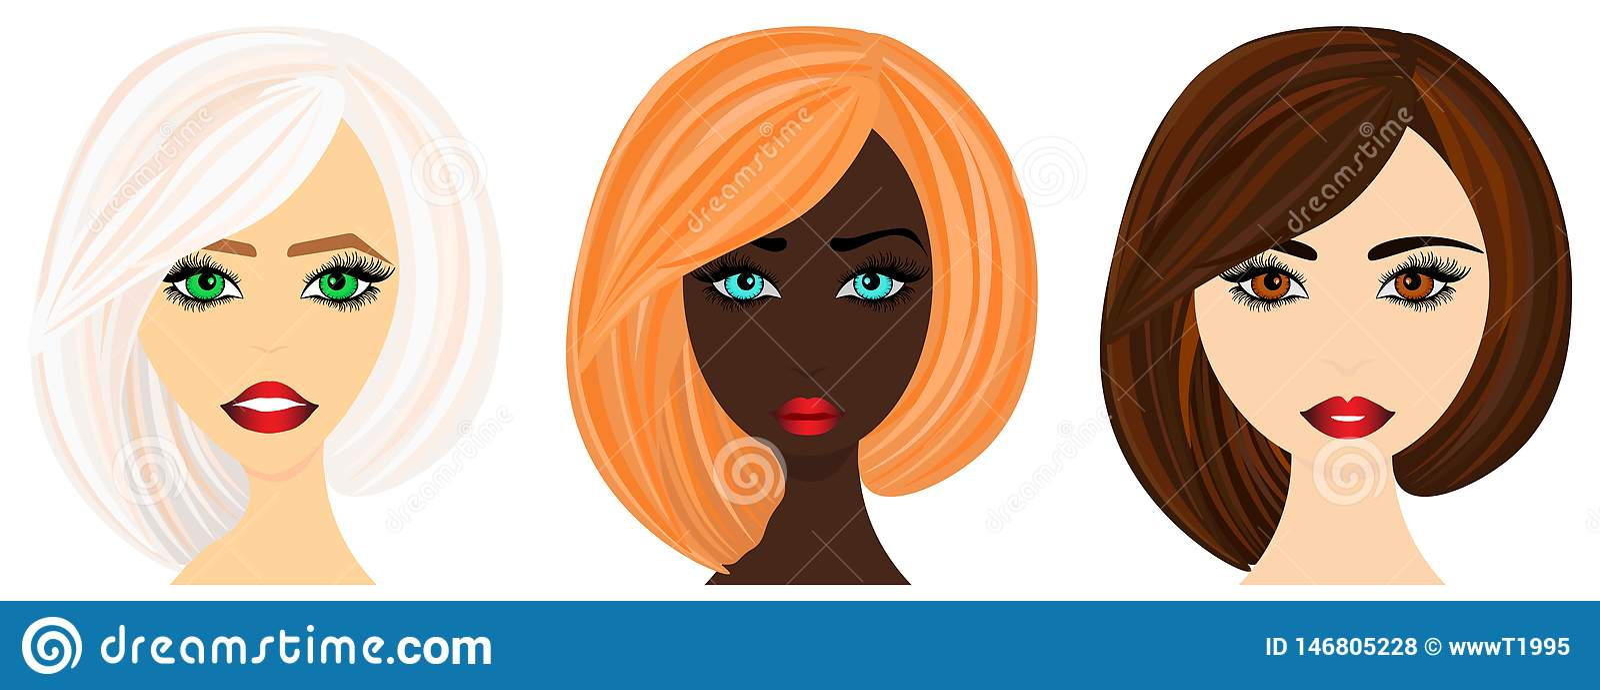 Weba reeks vrouwengezichten van divers behoren tot een bepaald ras Vectorillustratie aan gebruik op manier